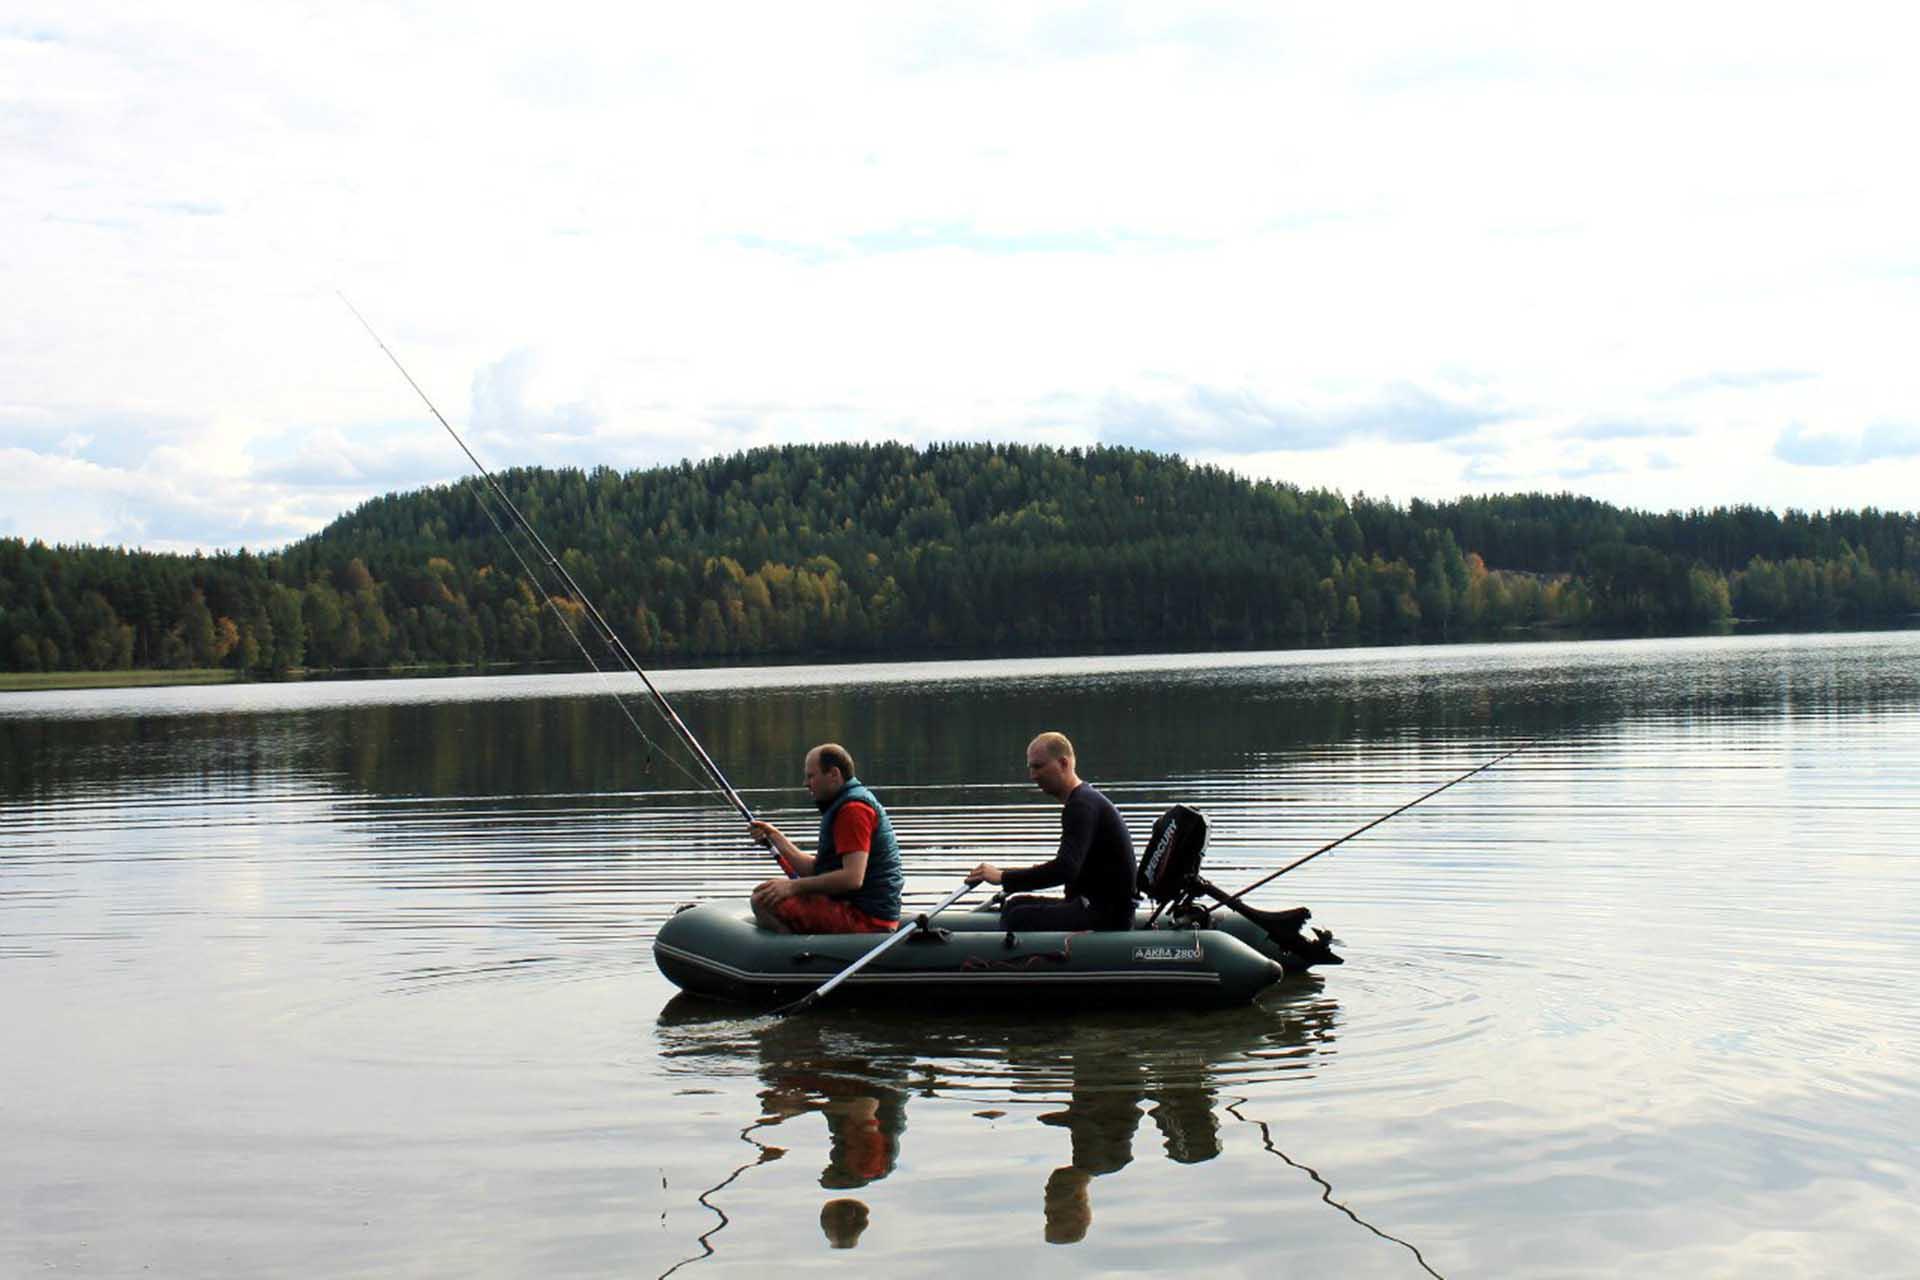 Рыбалка в карелии: куда поехать дикарем, рыболовные базы и лучшие места для отдыха